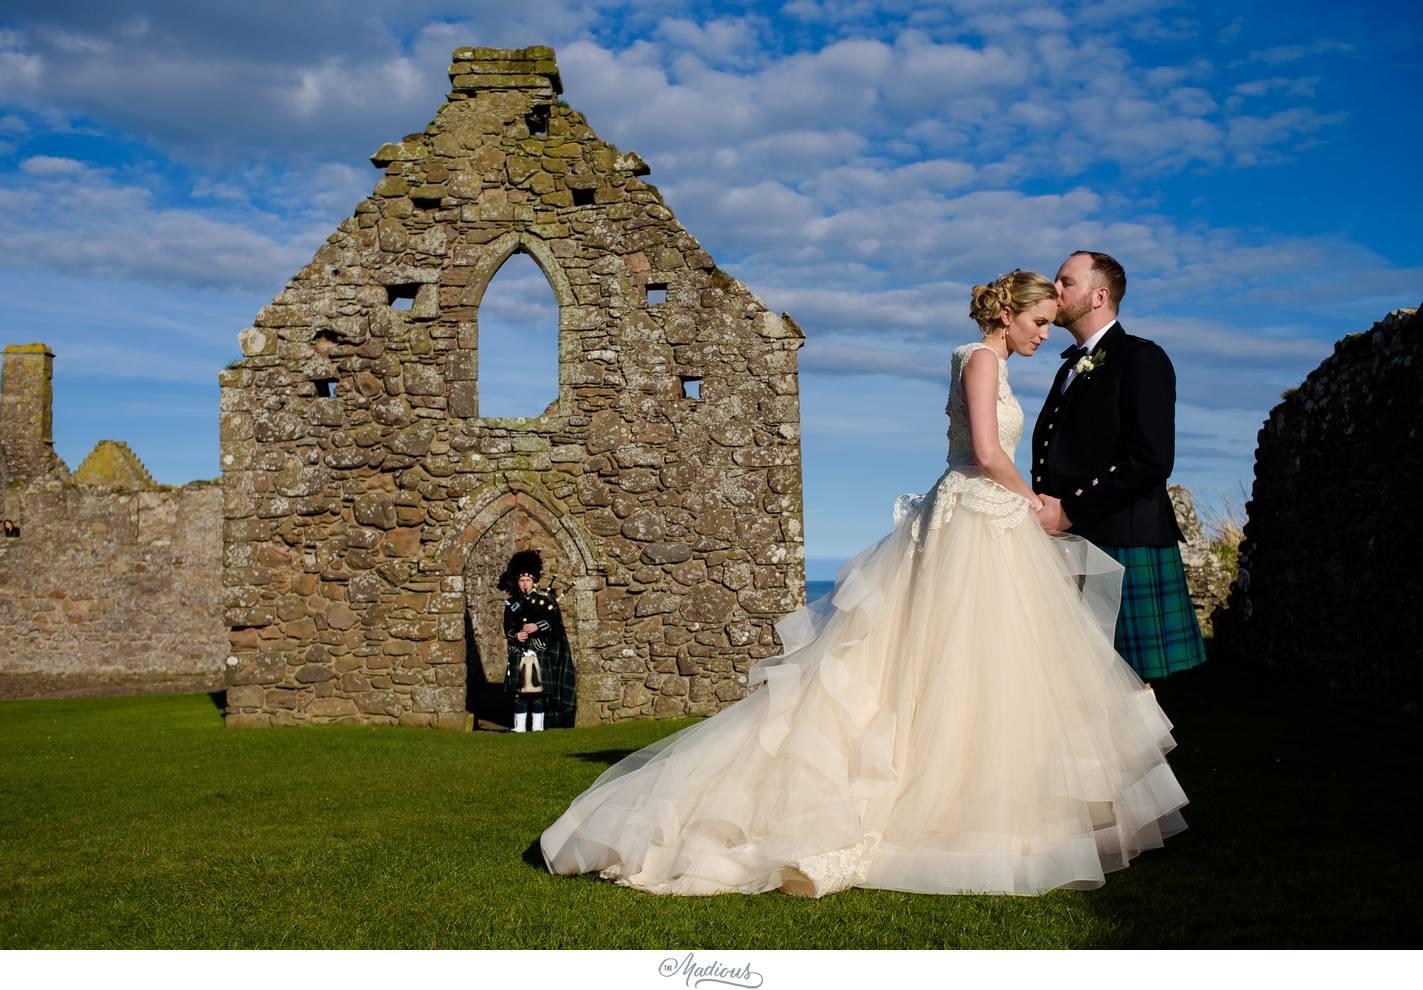 Balbegno_Dunnotar_Castle_Scottland_Wedding_42.jpg